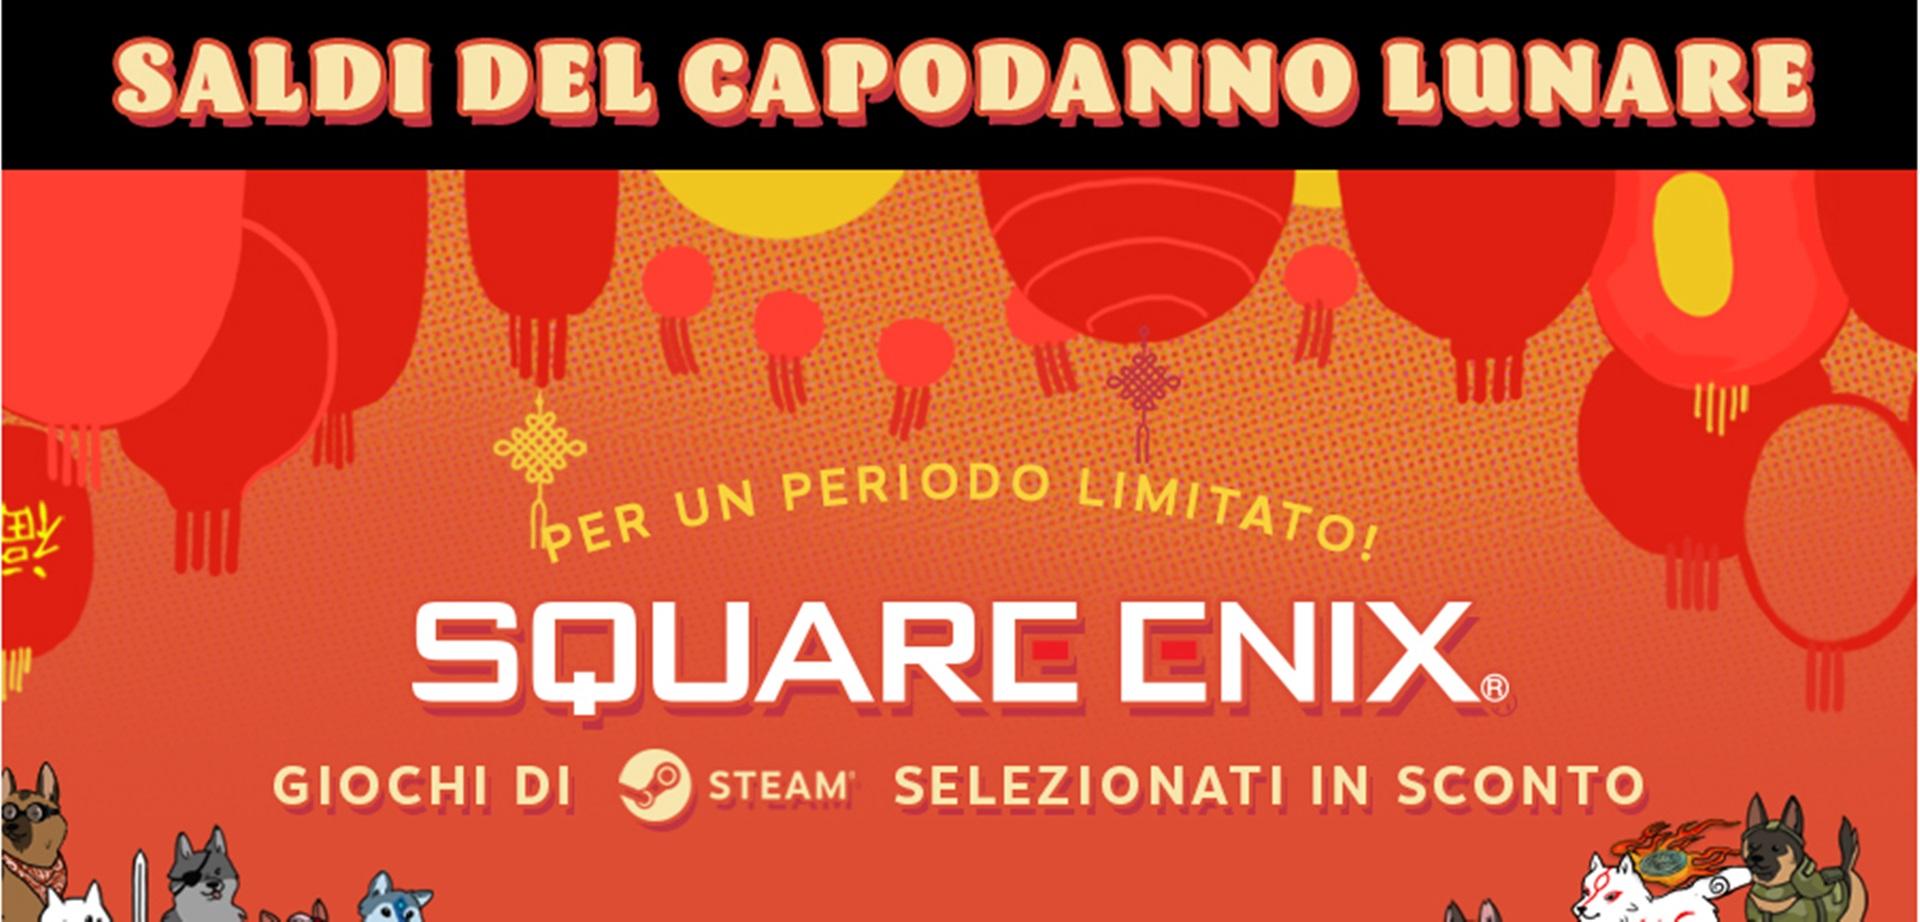 Tomb Raider, Life is Strange e altri titoli Square-Enix in sconto su Steam per il Capodanno Lunare!